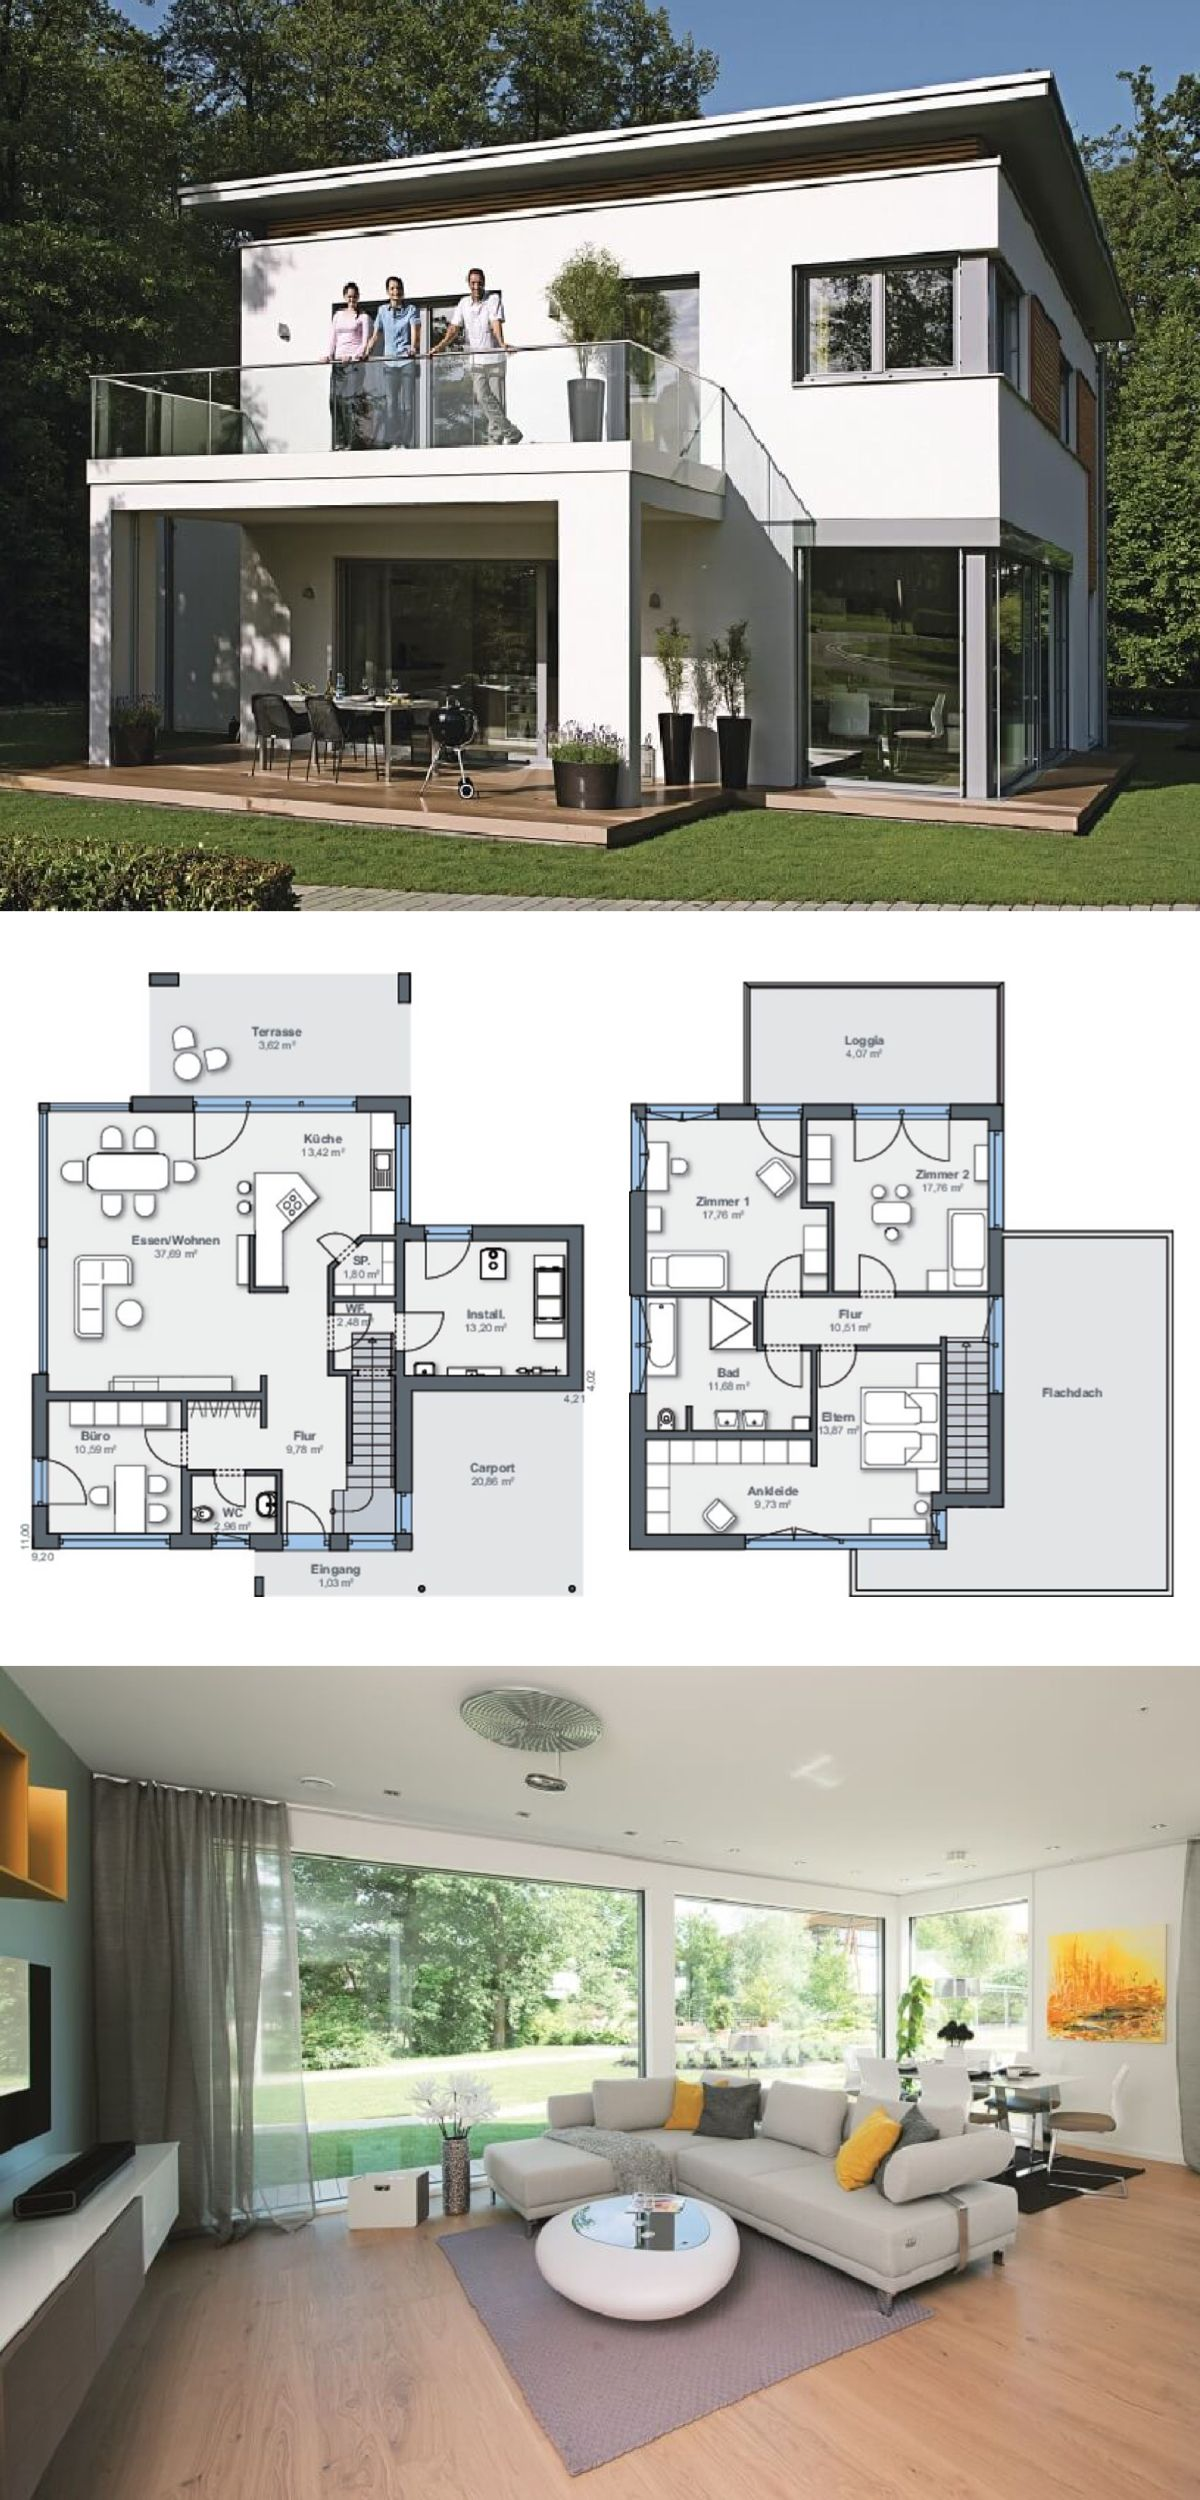 Bad design zeichnung einfamilienhausarchitektur modern mit flachdach und terrassen anbau